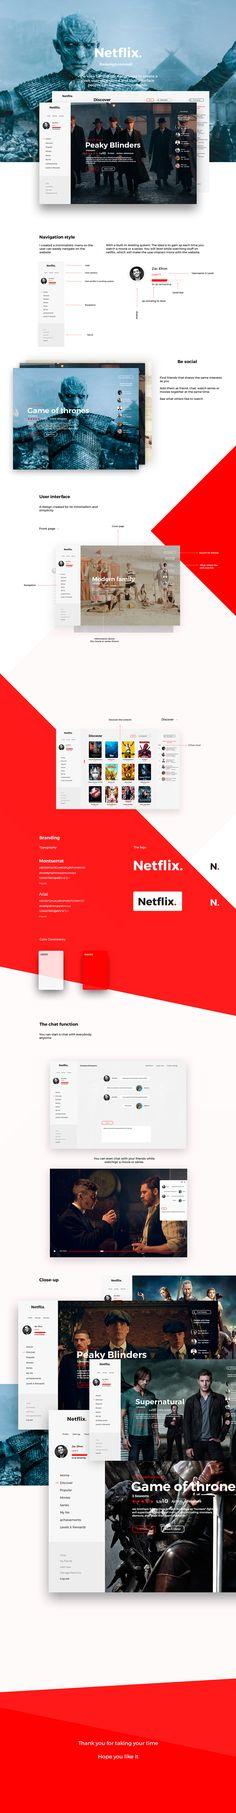 Netflix. on Behance